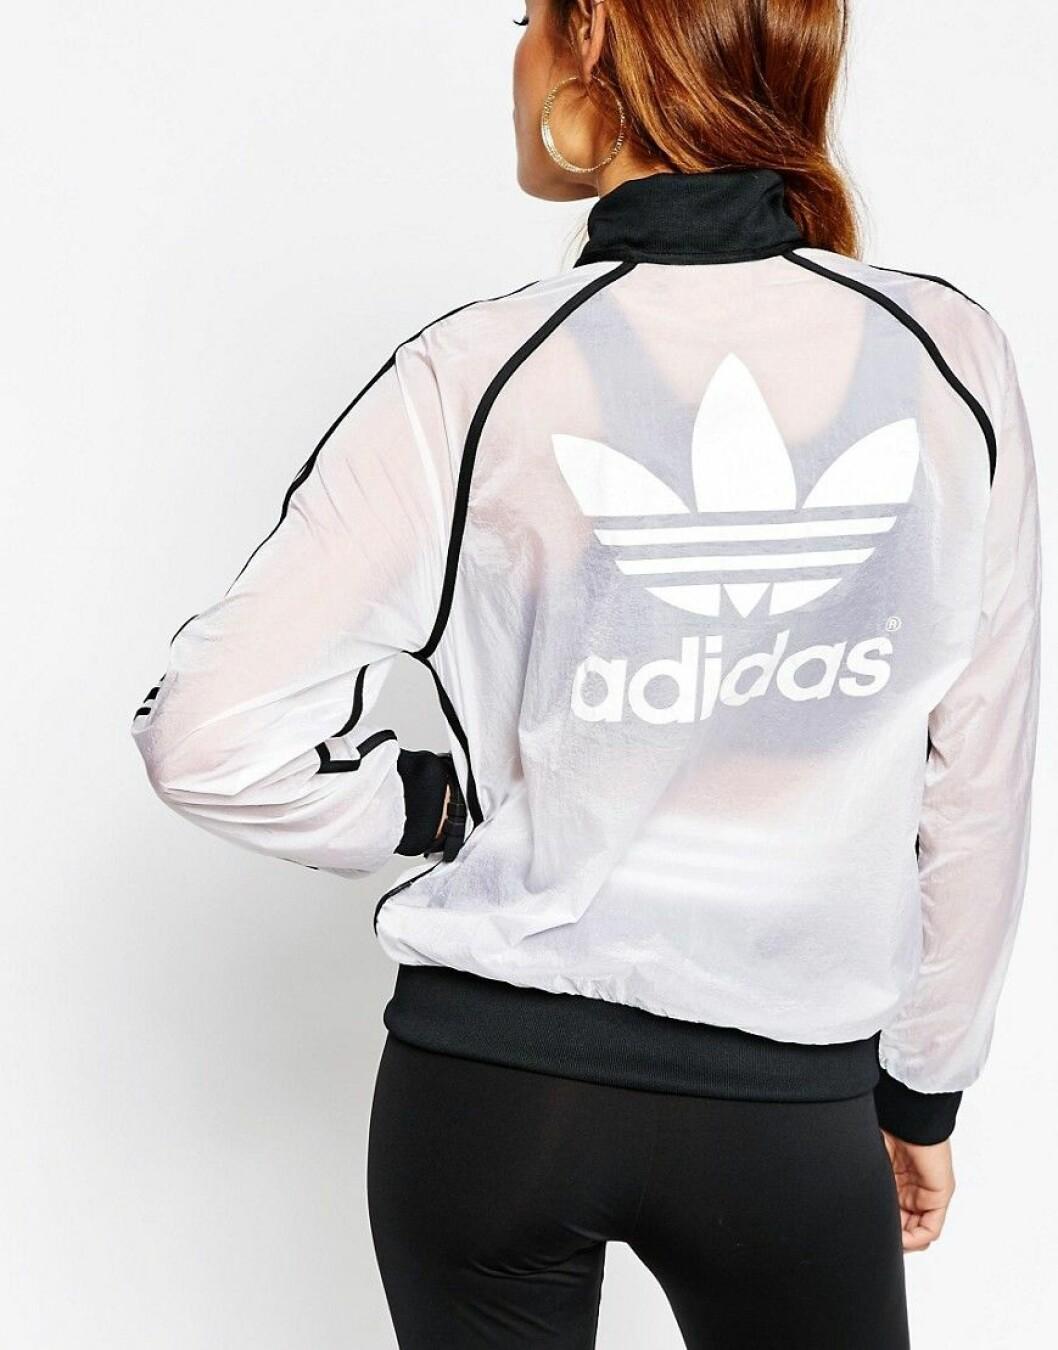 jacka_vit_adidas